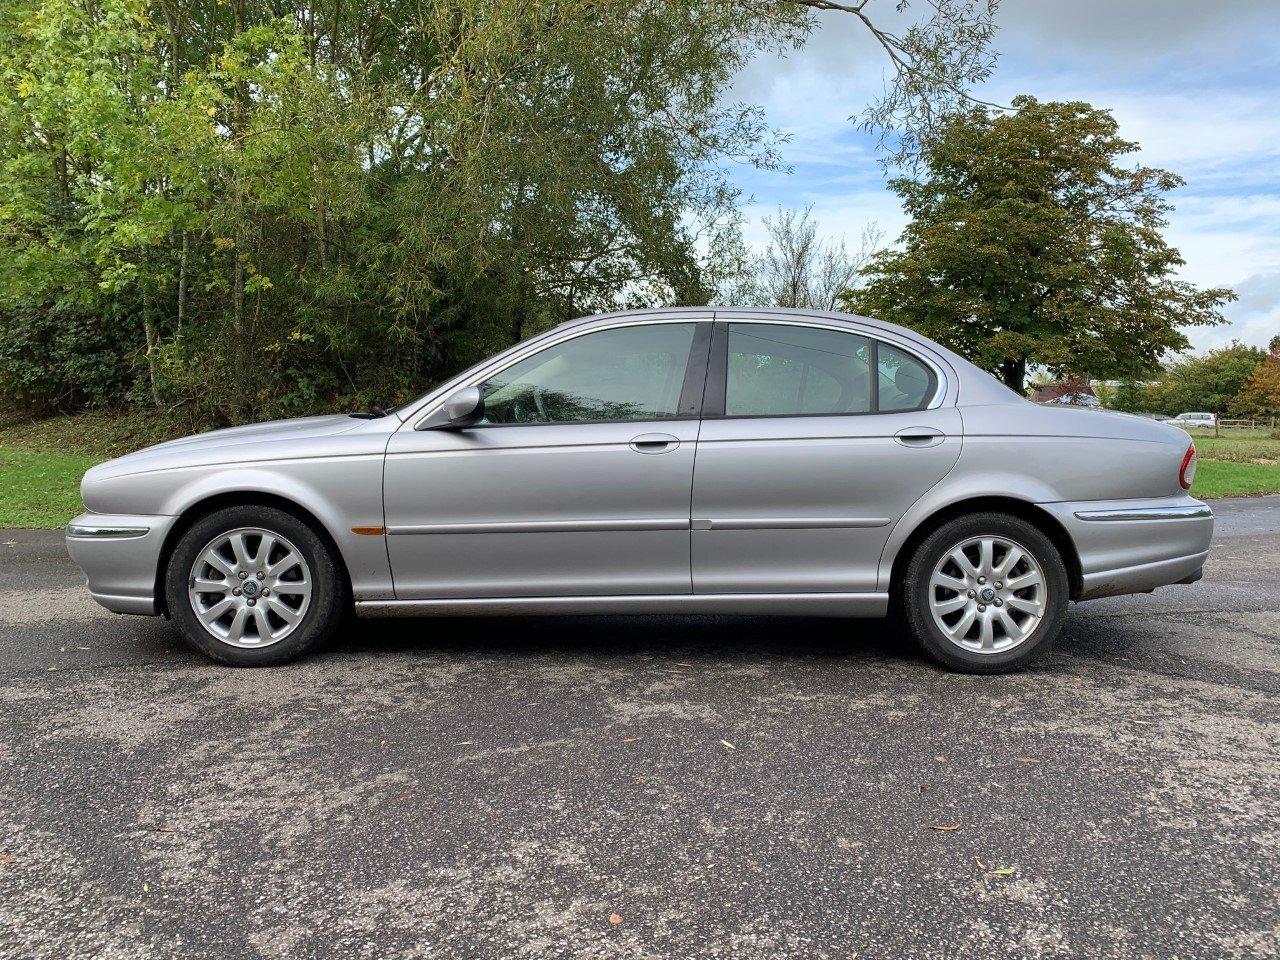 2003 Jaguar X-Type 2.5 V6 SE Auto For Sale (picture 3 of 6)